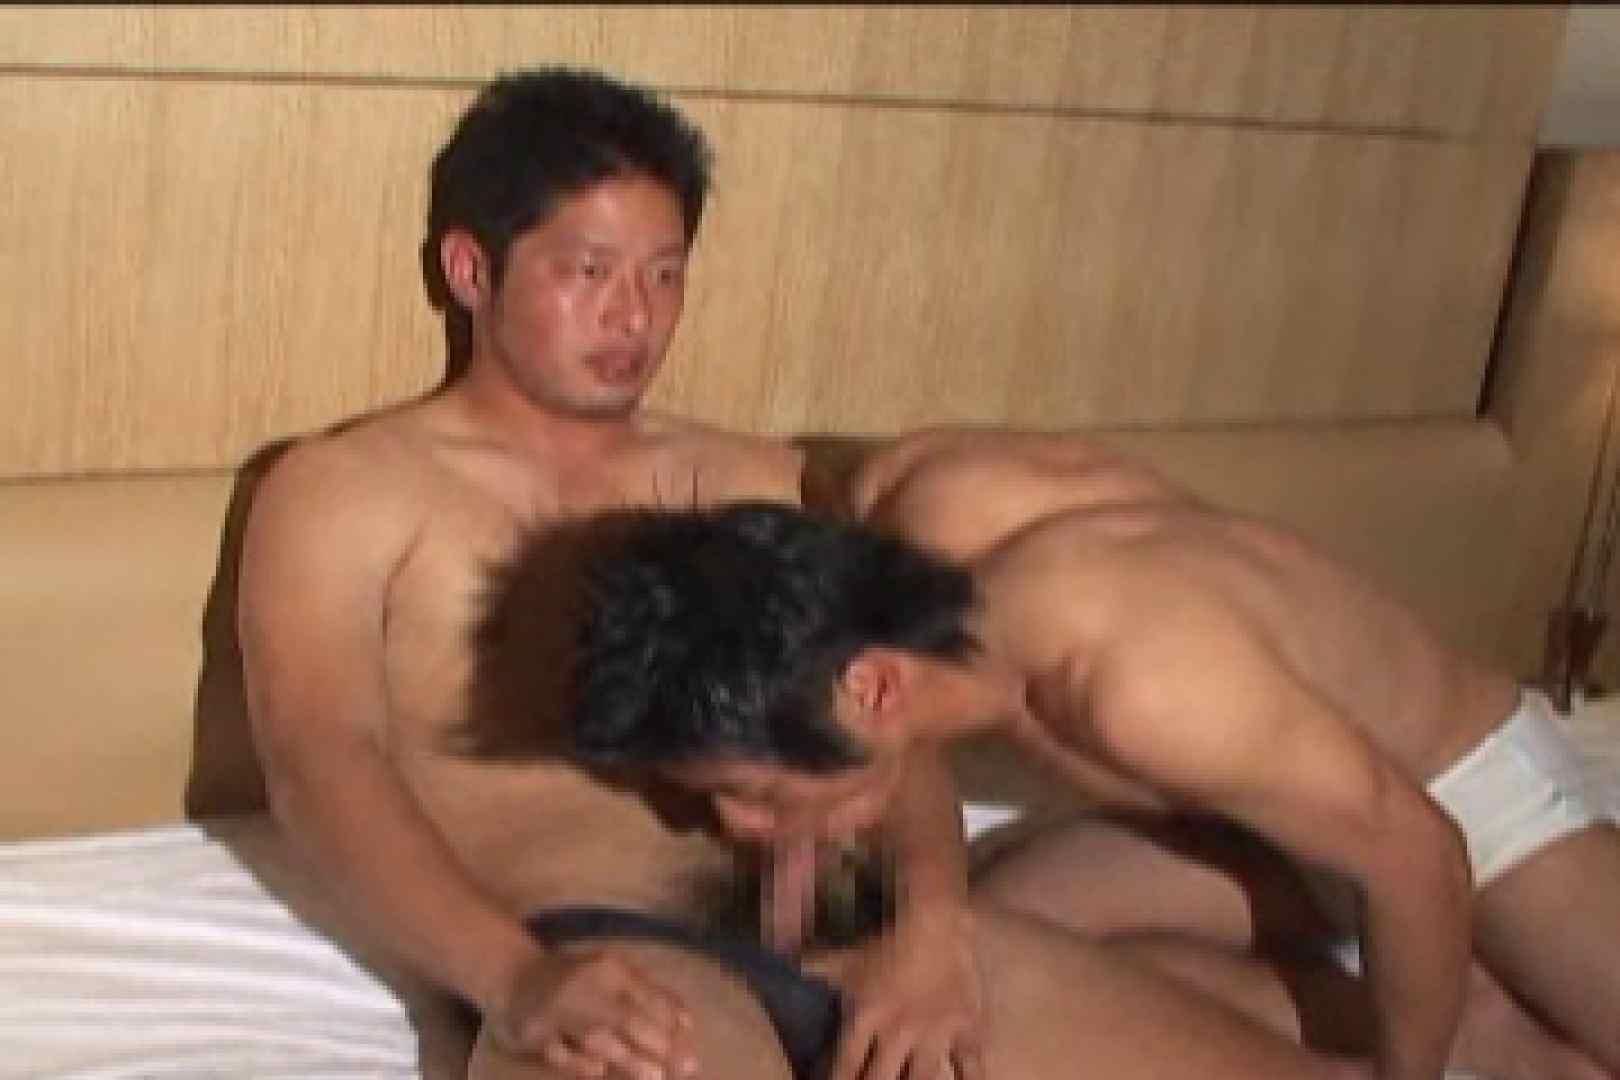 スポMENファック!!反り勃つ男根!!vol.9 ゲイ達のフェラ ゲイAV画像 6枚 3